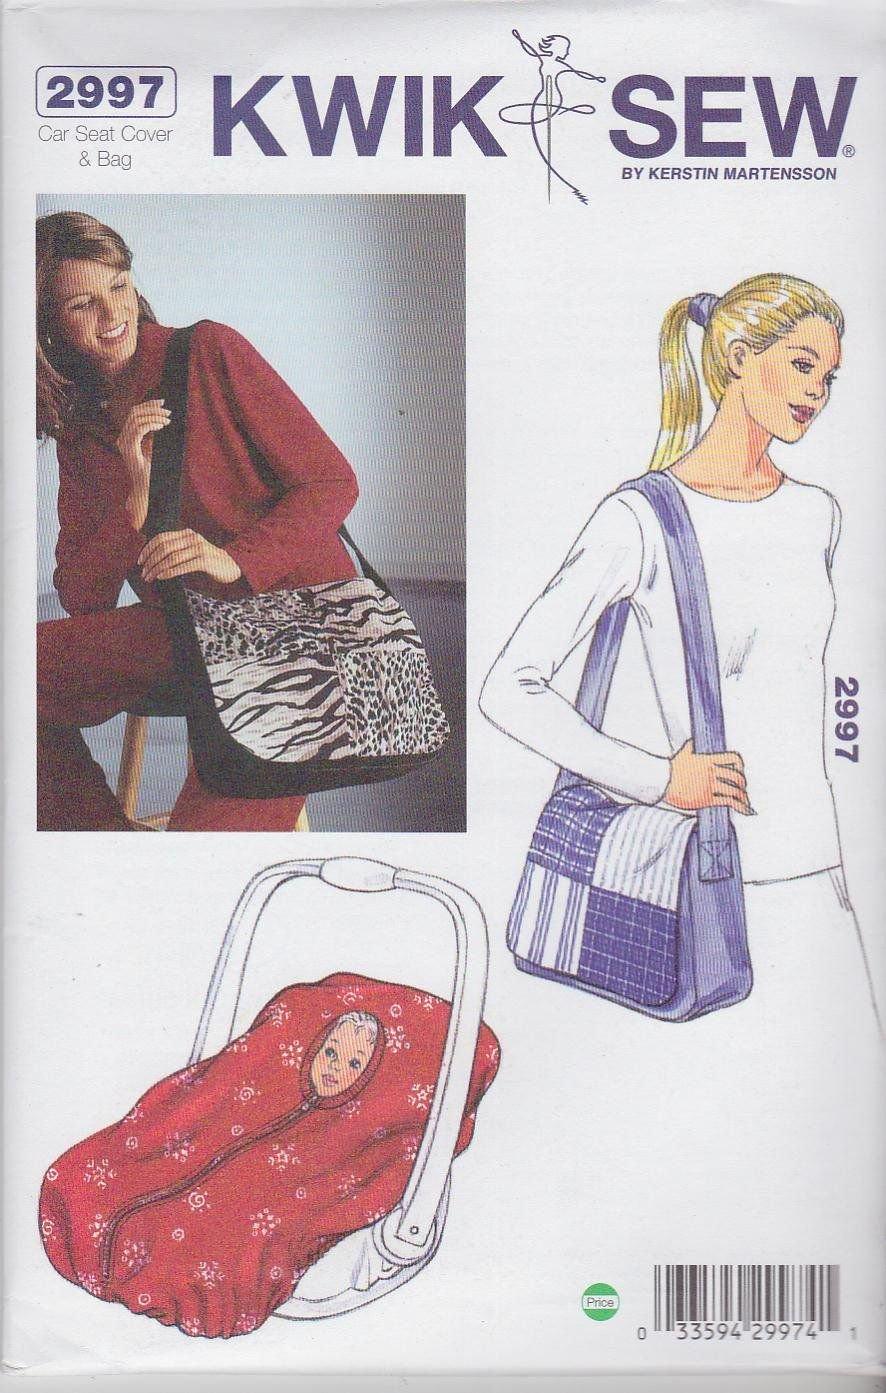 Kwik Sew 2997 Car Seat Cover & Bag